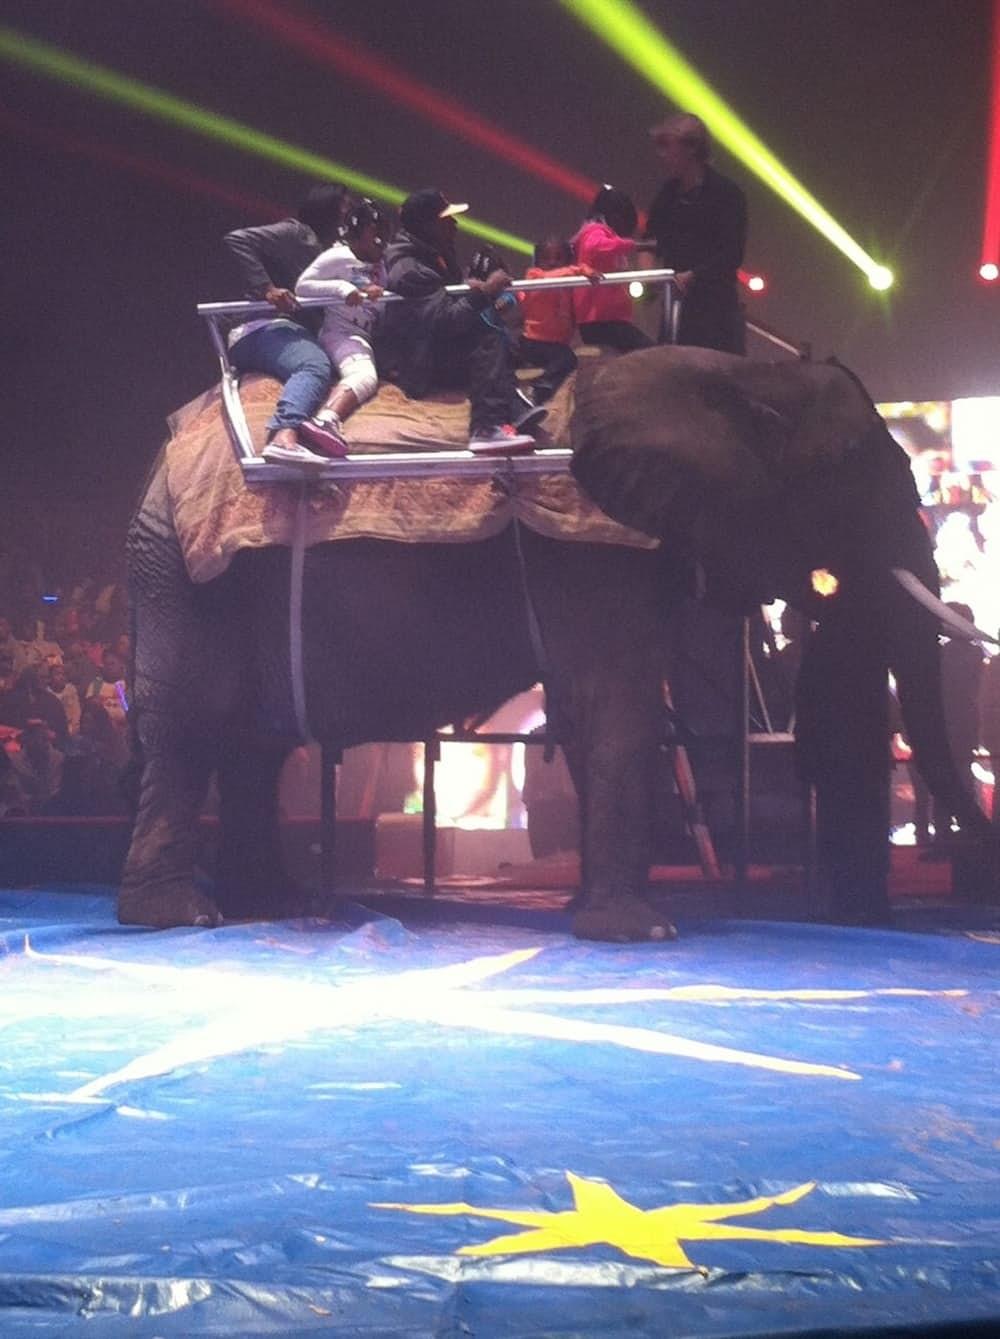 8. Животные живут как узники в тюрьме По некоторым оценкам, 90% жизни цирковых животных проходит за